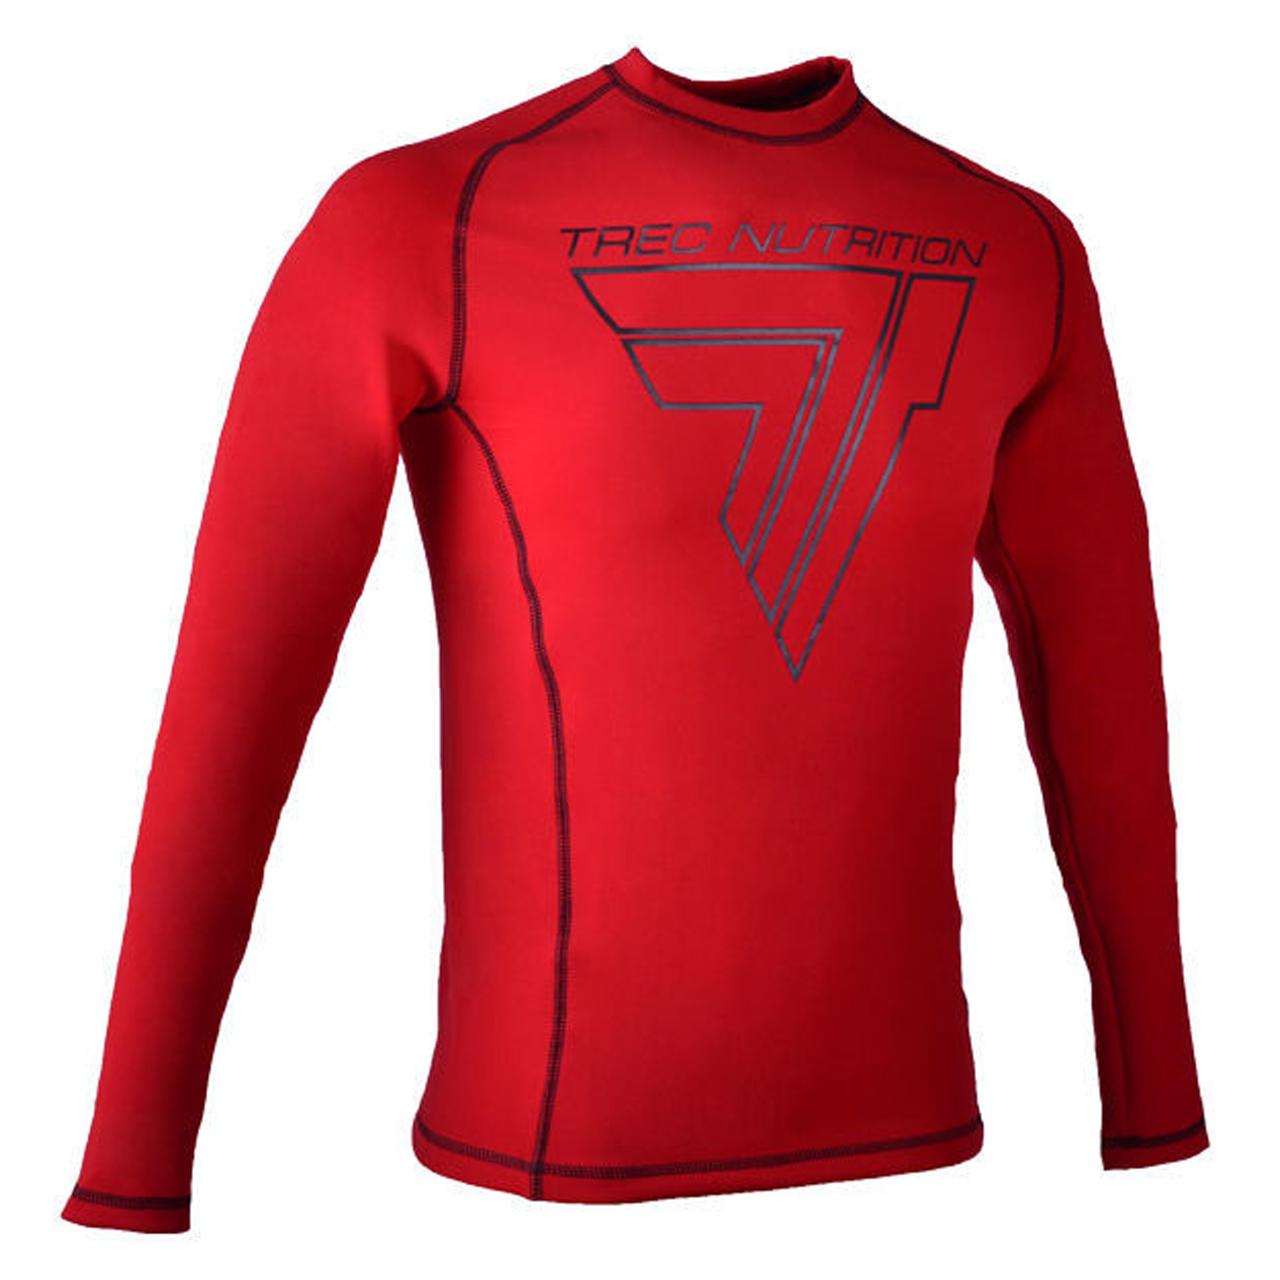 تی شرت آستین بلند ورزشی مردانه ترک ویر مدل Rash 004 Red